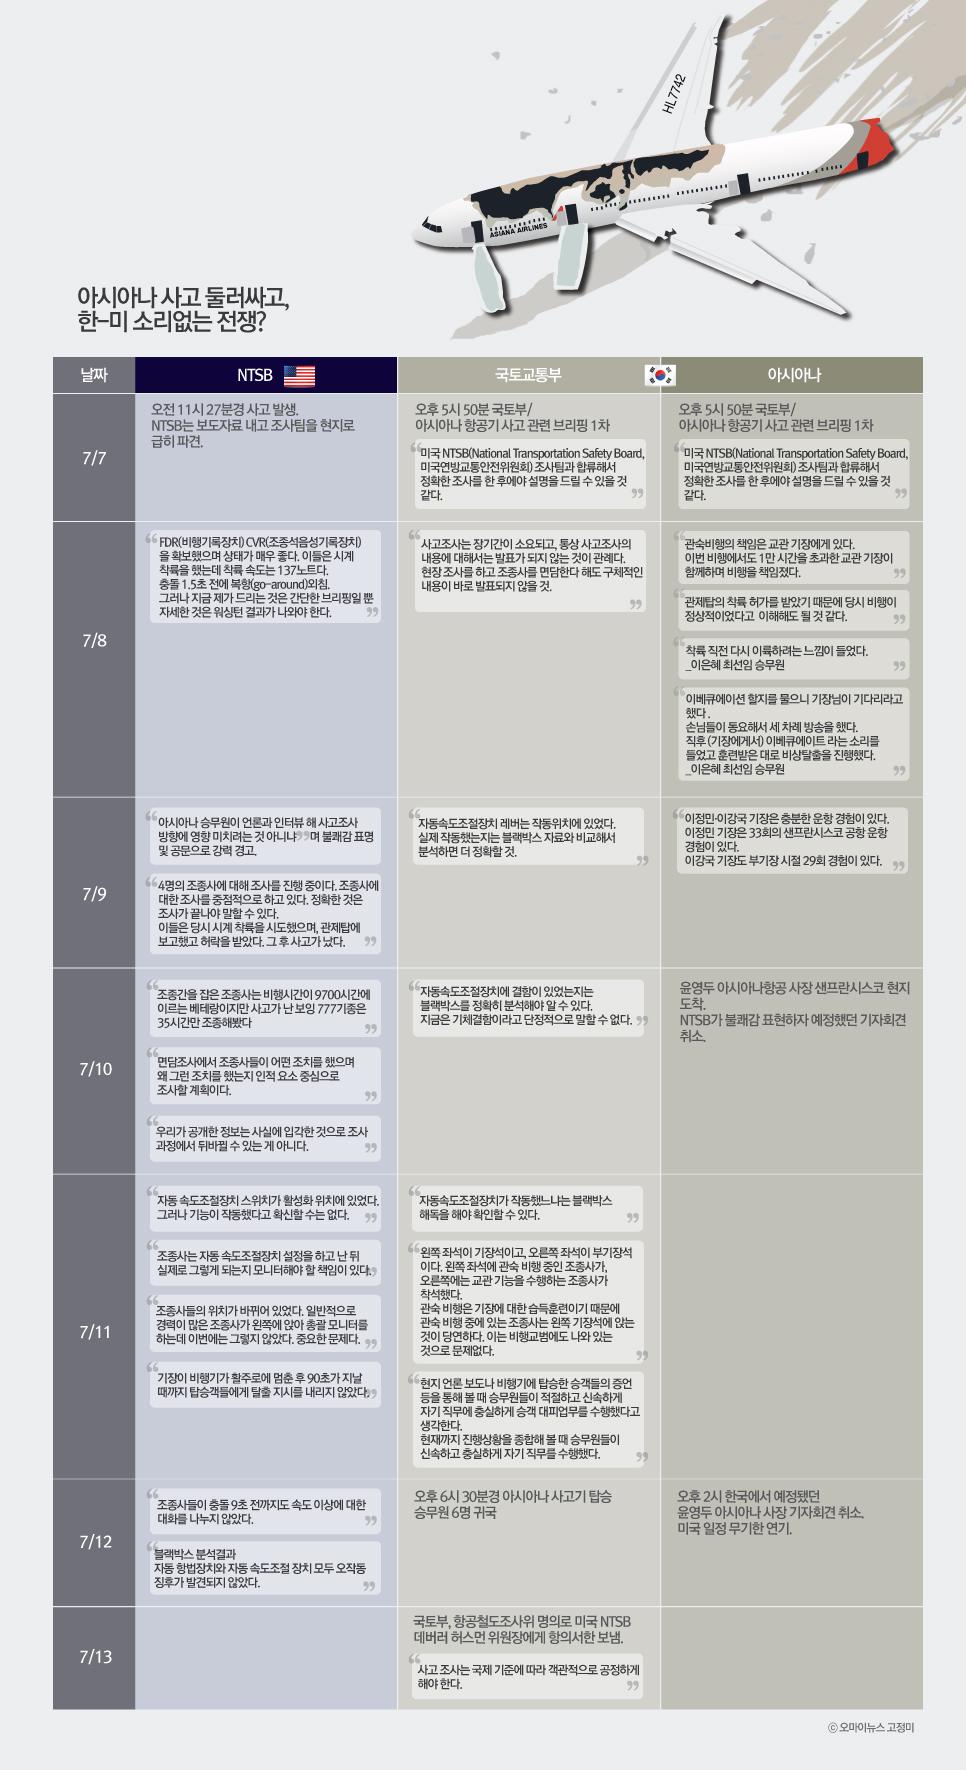 [인포그래픽] 아시아나 사고 10일... NTSB-국토부 왜 싸우나?...